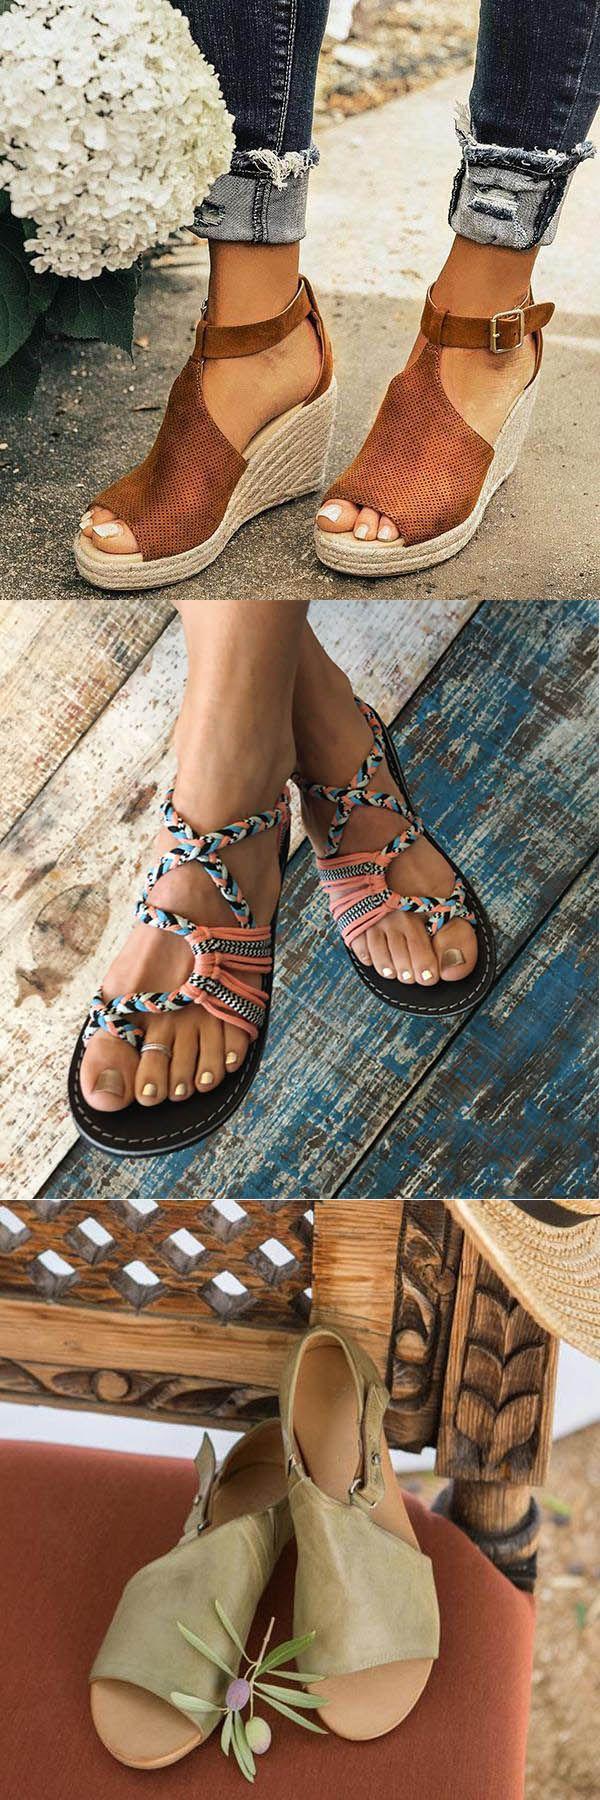 spring summer sandals,Women Chic Espadrille Wedges…